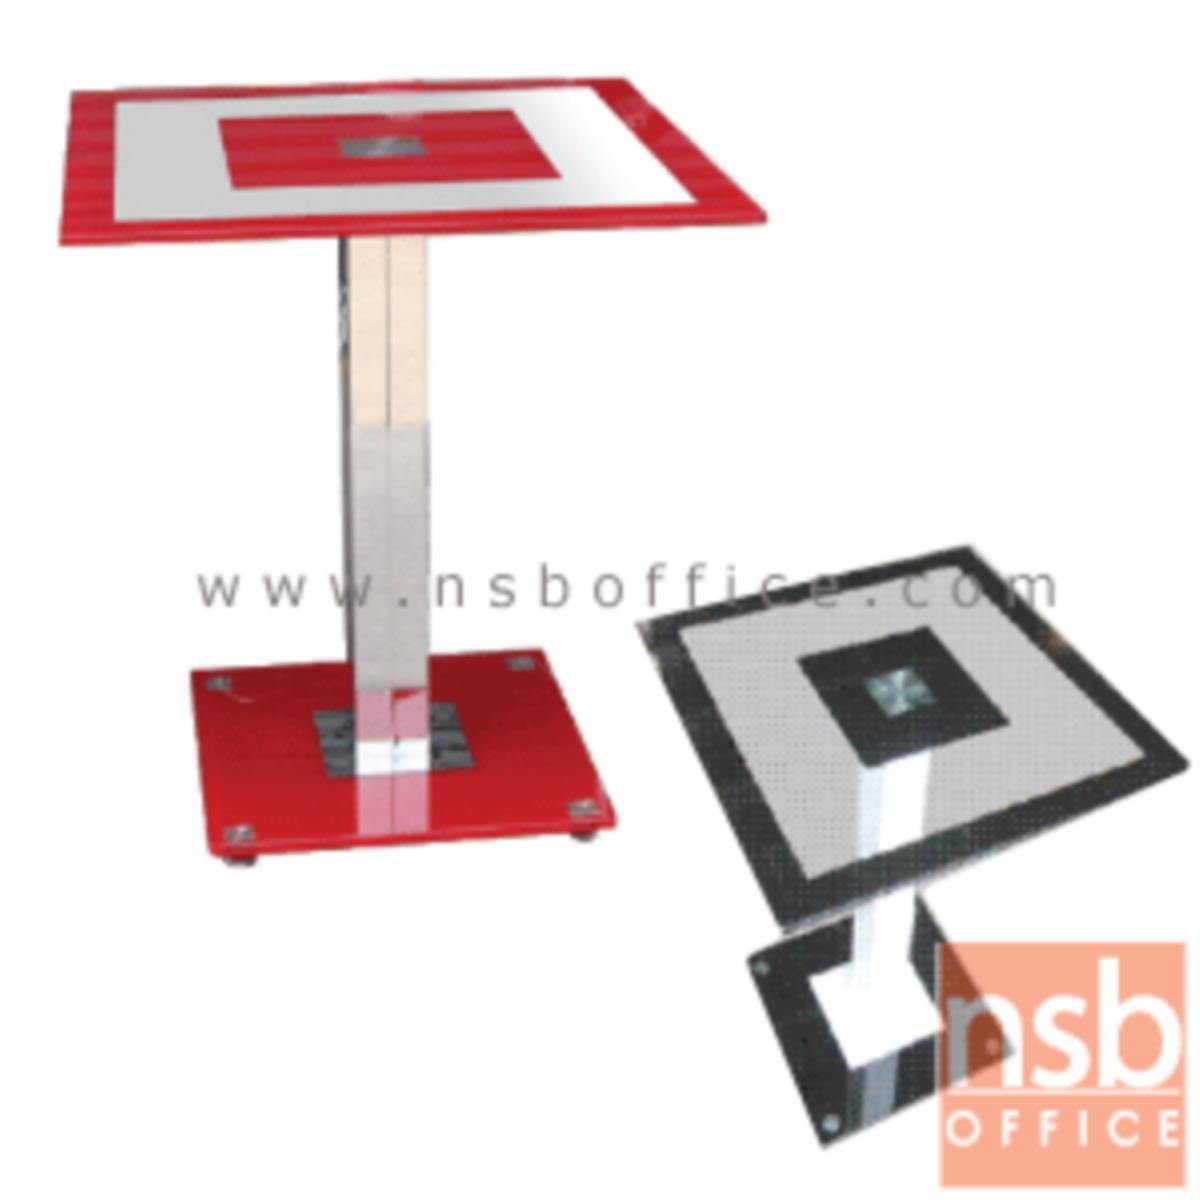 A05A103:โต๊ะเหลี่ยมหน้ากระจกจตุรัส รุ่น Monique (โมนิก) ขนาด 60W1*60W2 cm.  ขาฐานกระจก